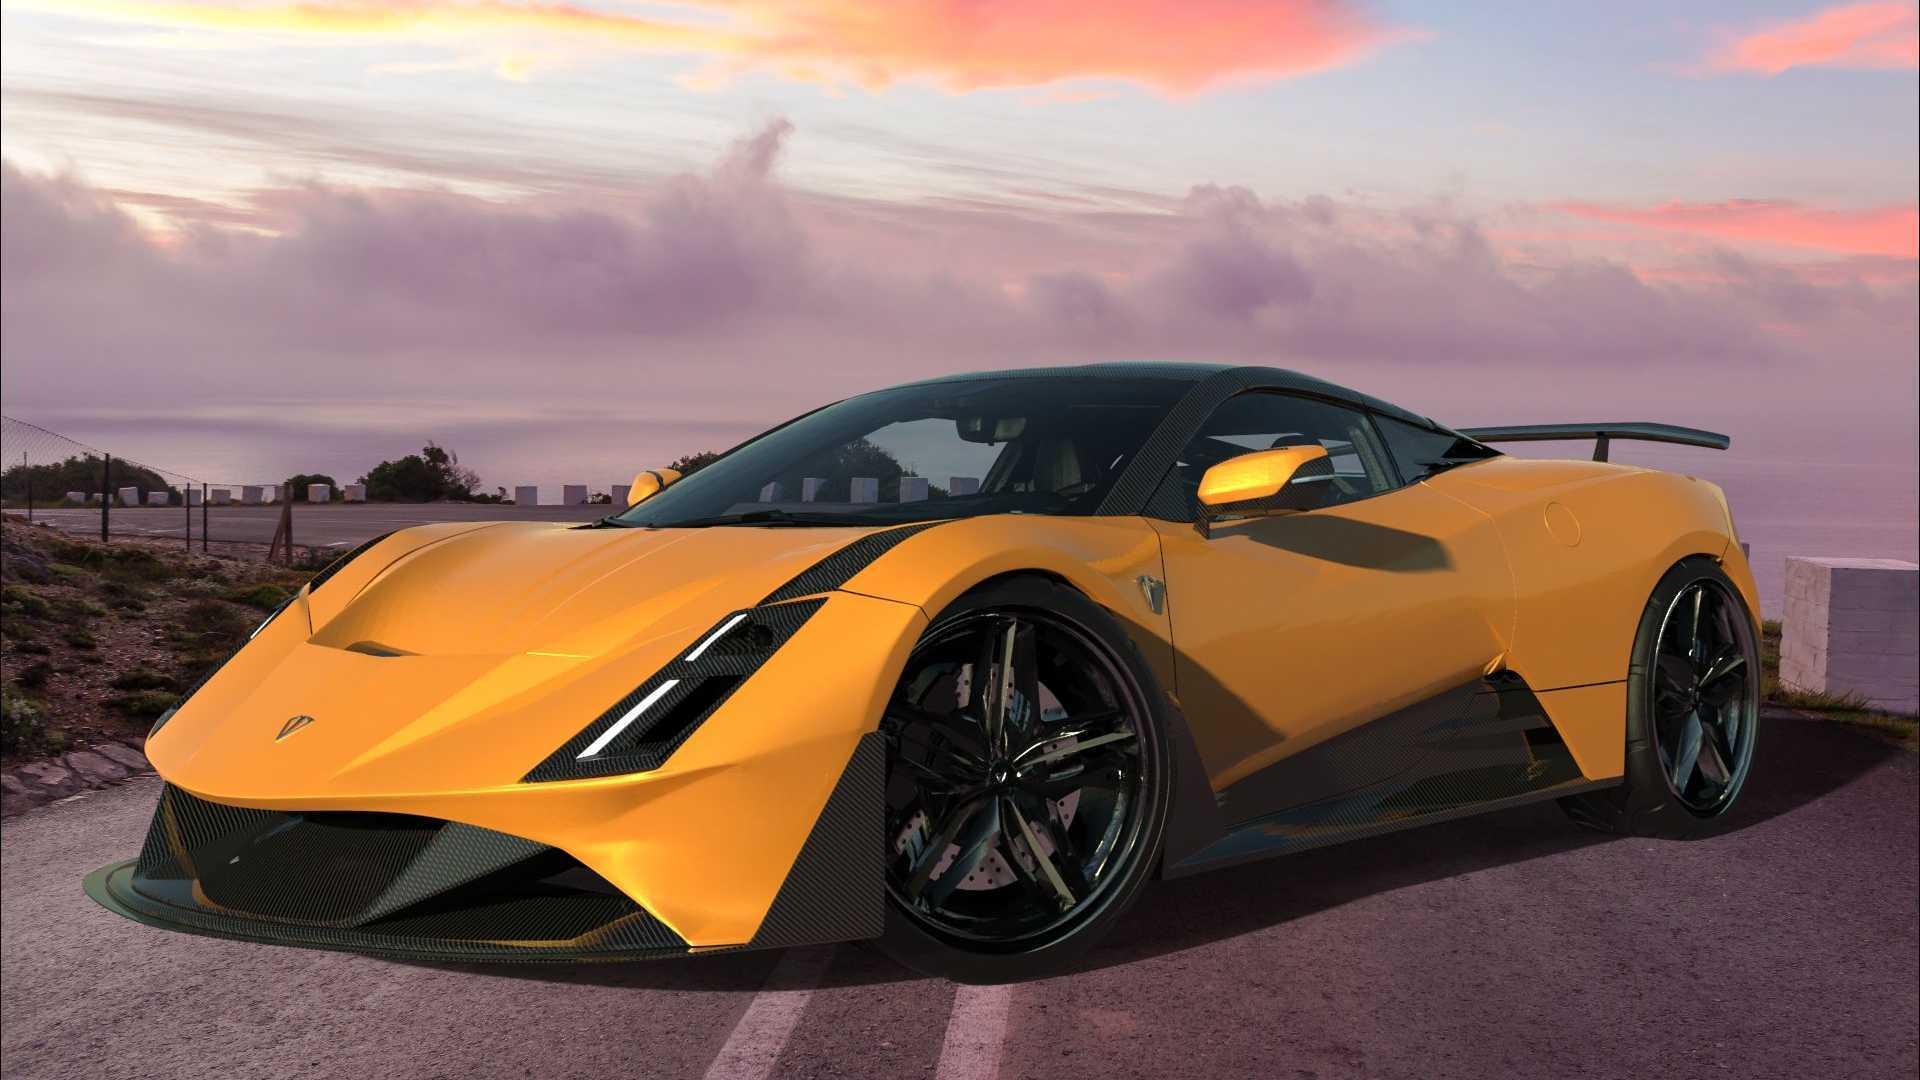 Кендрім Такі та заснована ним Arrera Automobili претендують на звання творців першого албанського суперкара